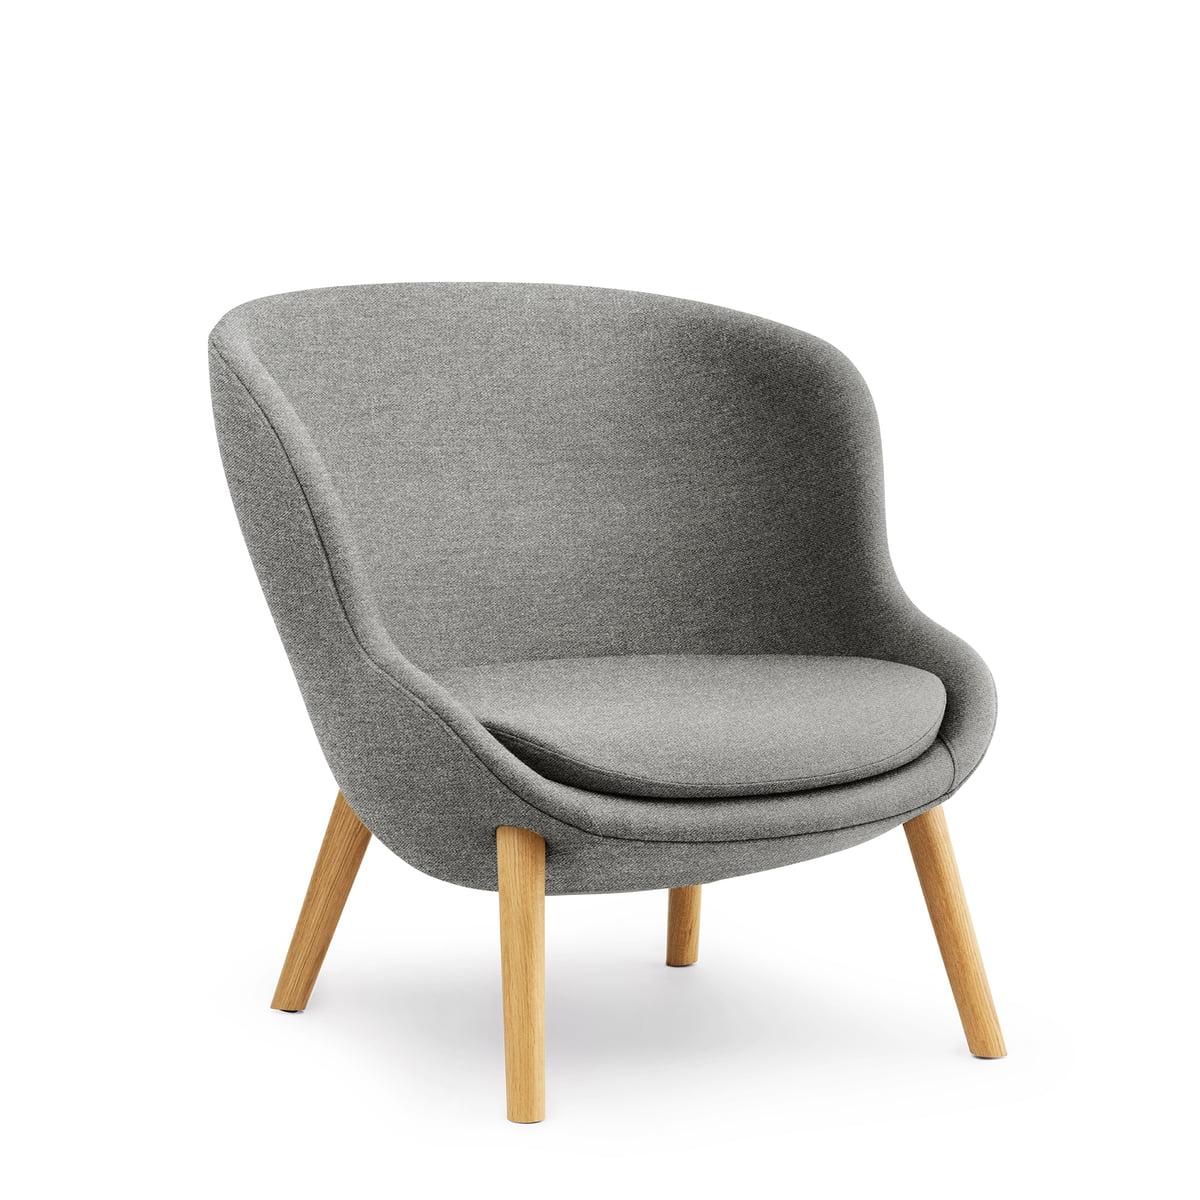 Awesome Normann Copenhagen Hyg Lounge Chair Laag Eiken Grijs Vlas Mlf26 Camellatalisay Diy Chair Ideas Camellatalisaycom